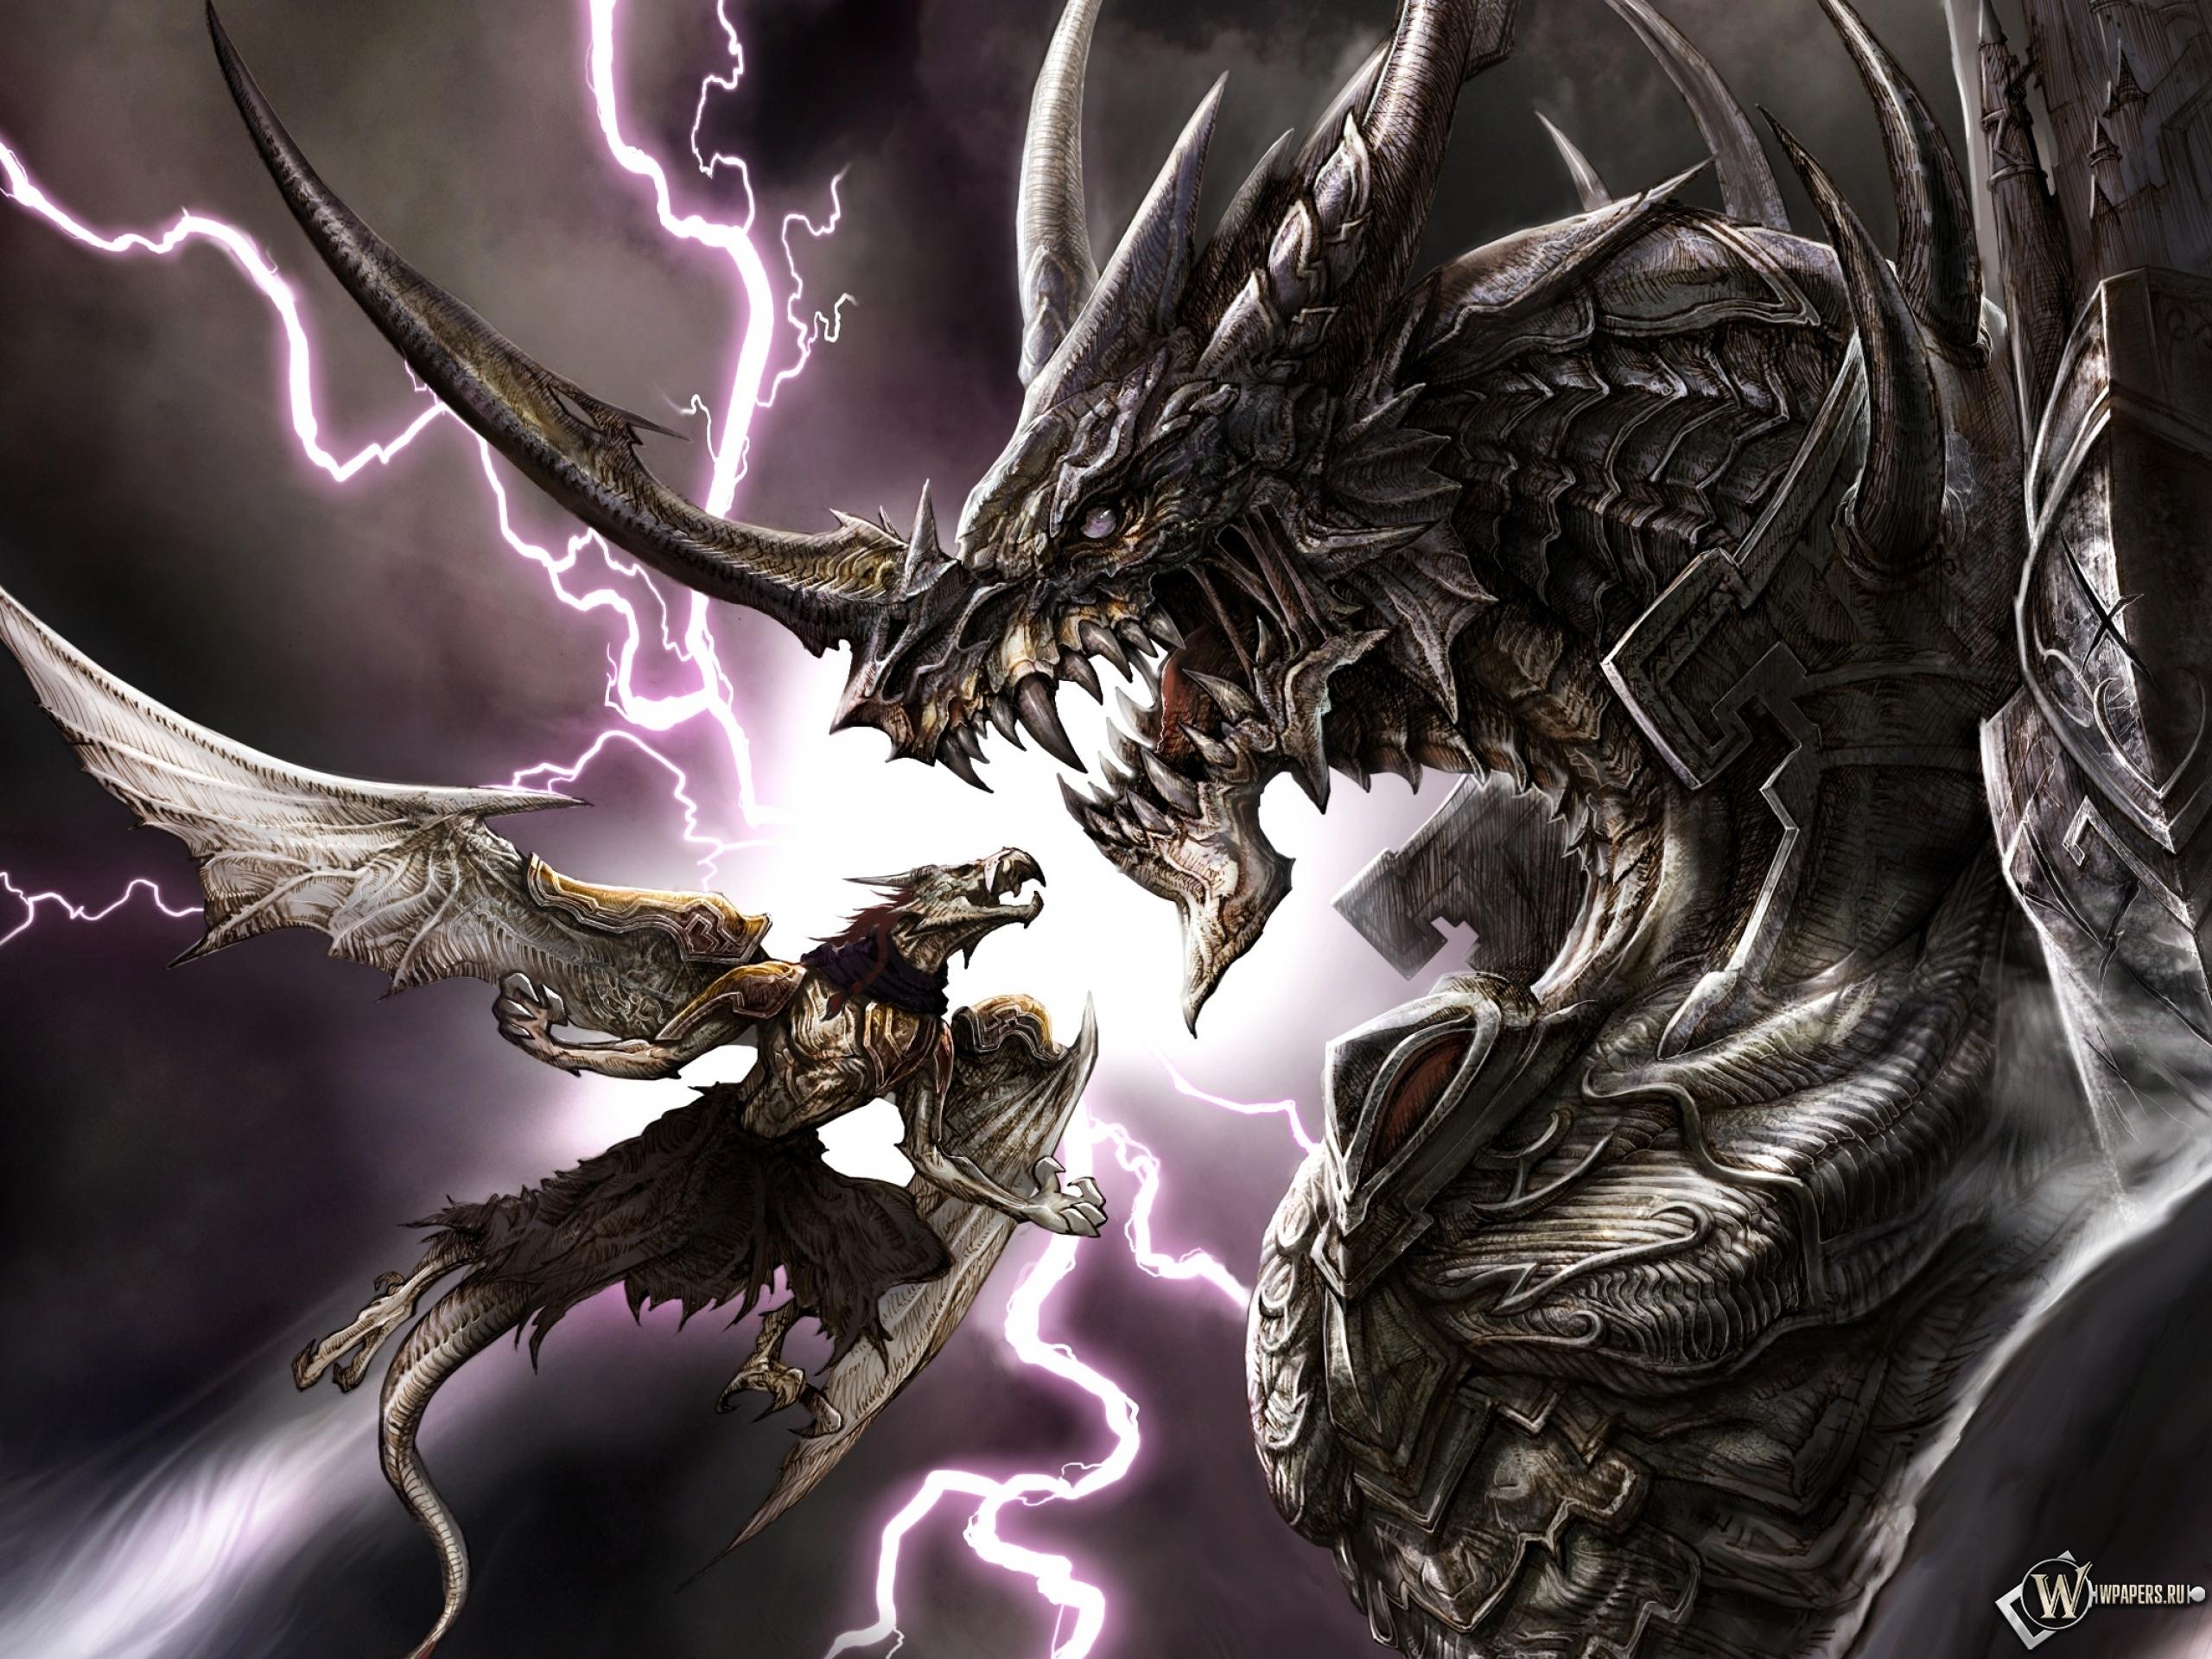 Скачать обои для рабочего стола бесплатно драконы 9